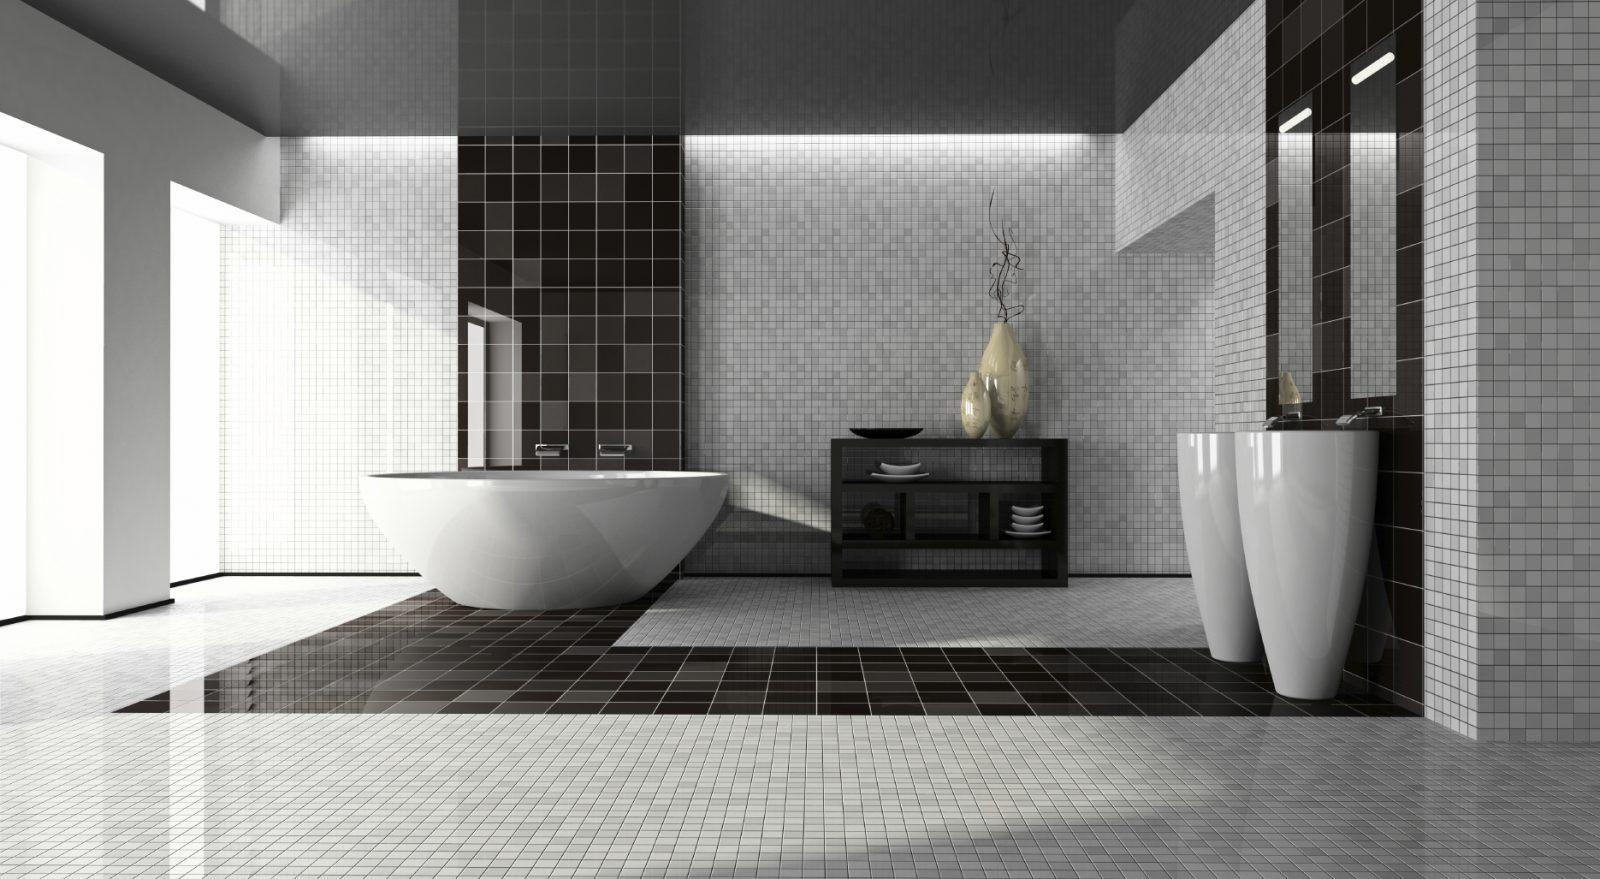 casa de banho moderno2